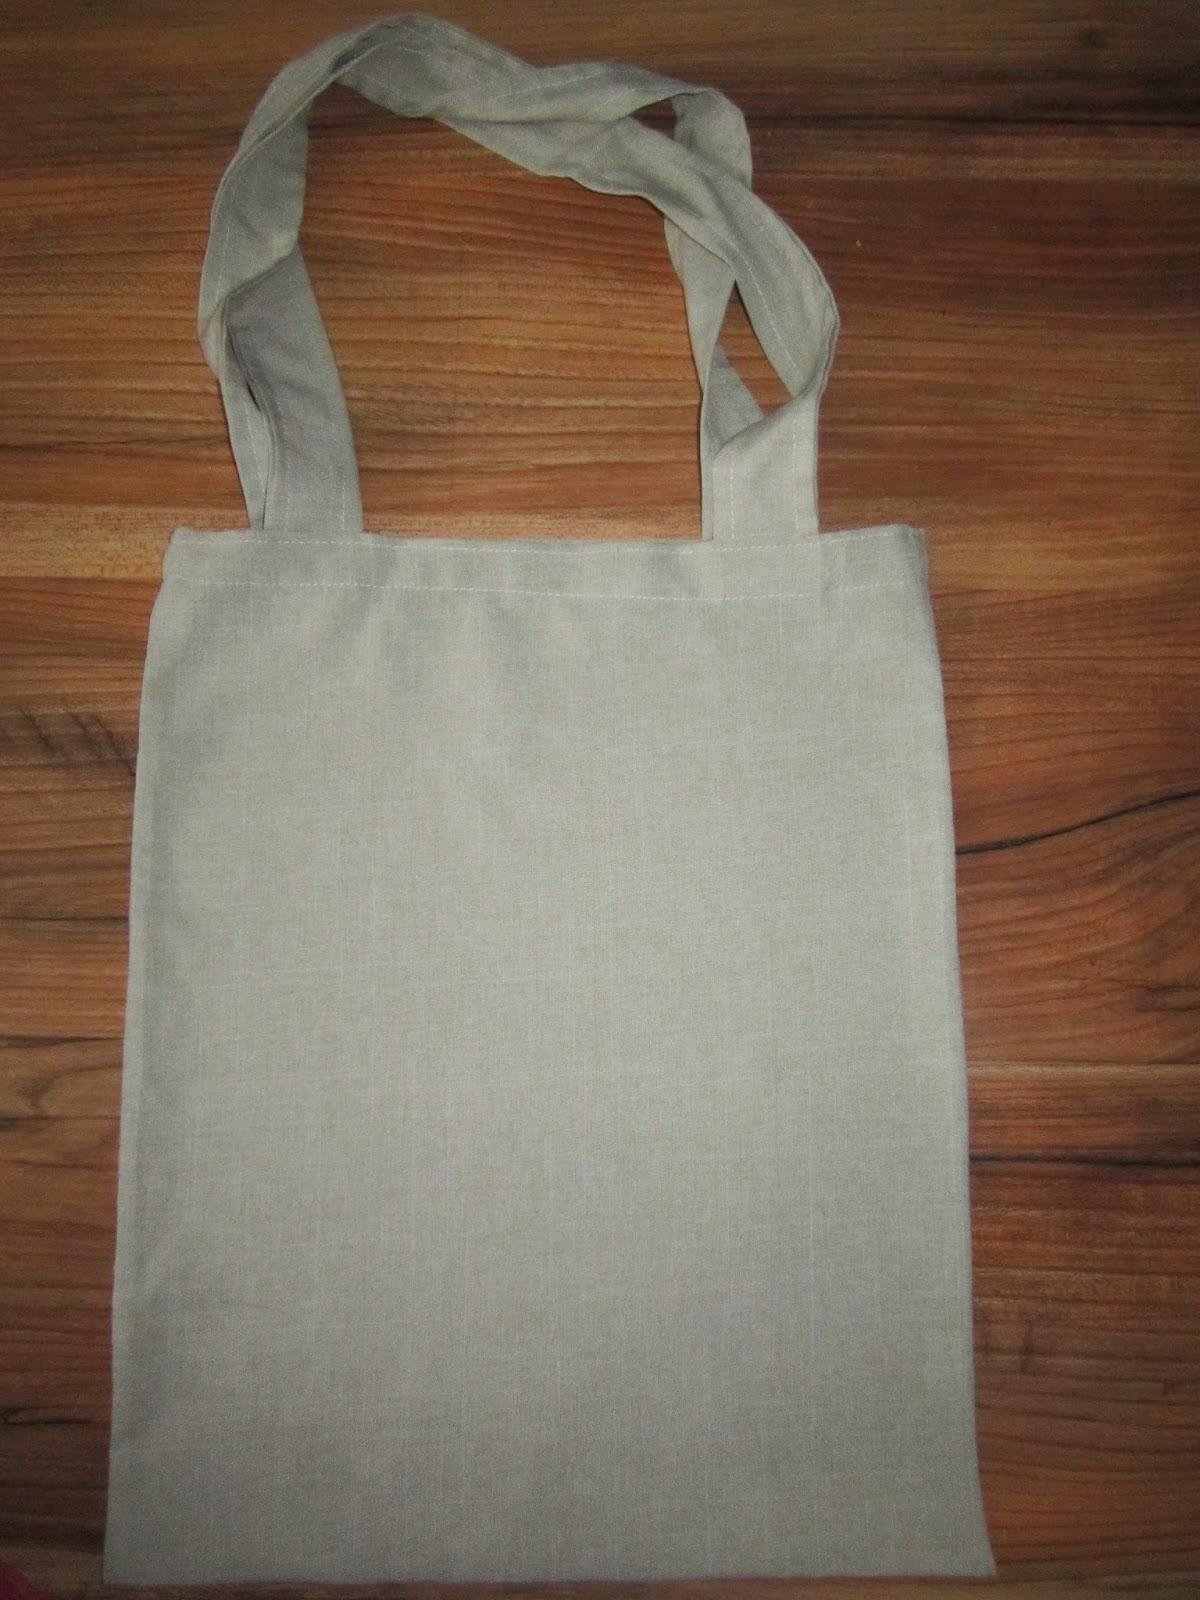 d47c620b1889 Что же делать и как изменить ситуацию? Ответ прост: использовать  альтернативы пакетам – эко-сумки. Эко – сумка – это «пакет» из ткани,  обычно хлопка, ...